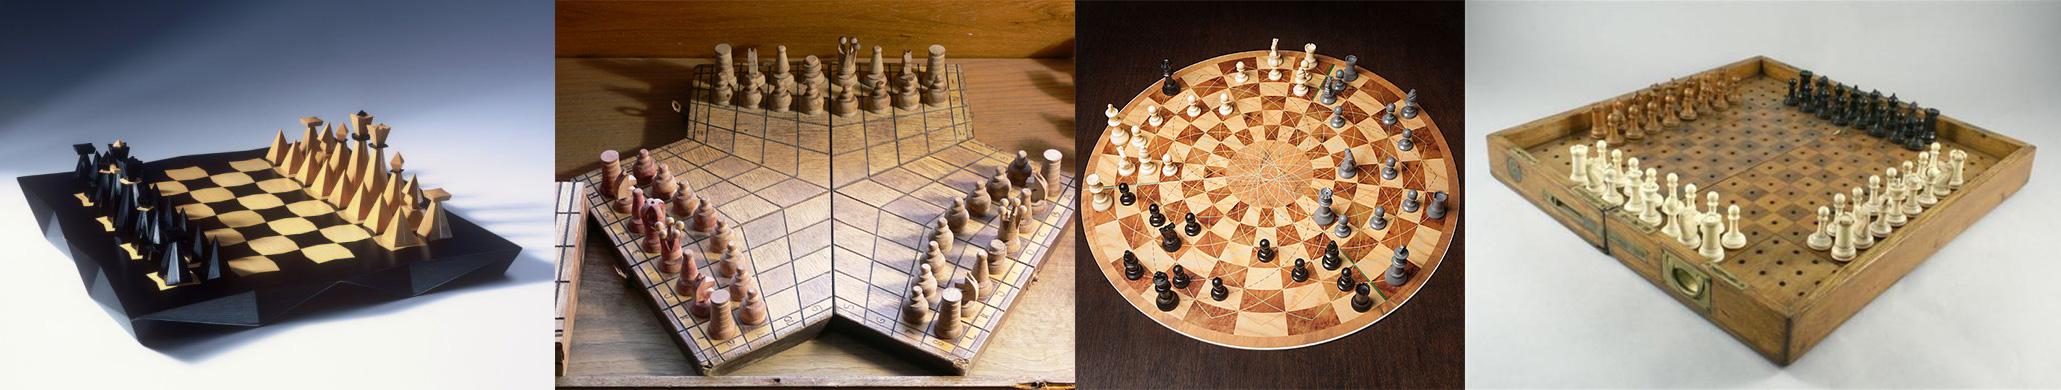 varianti-scacchi